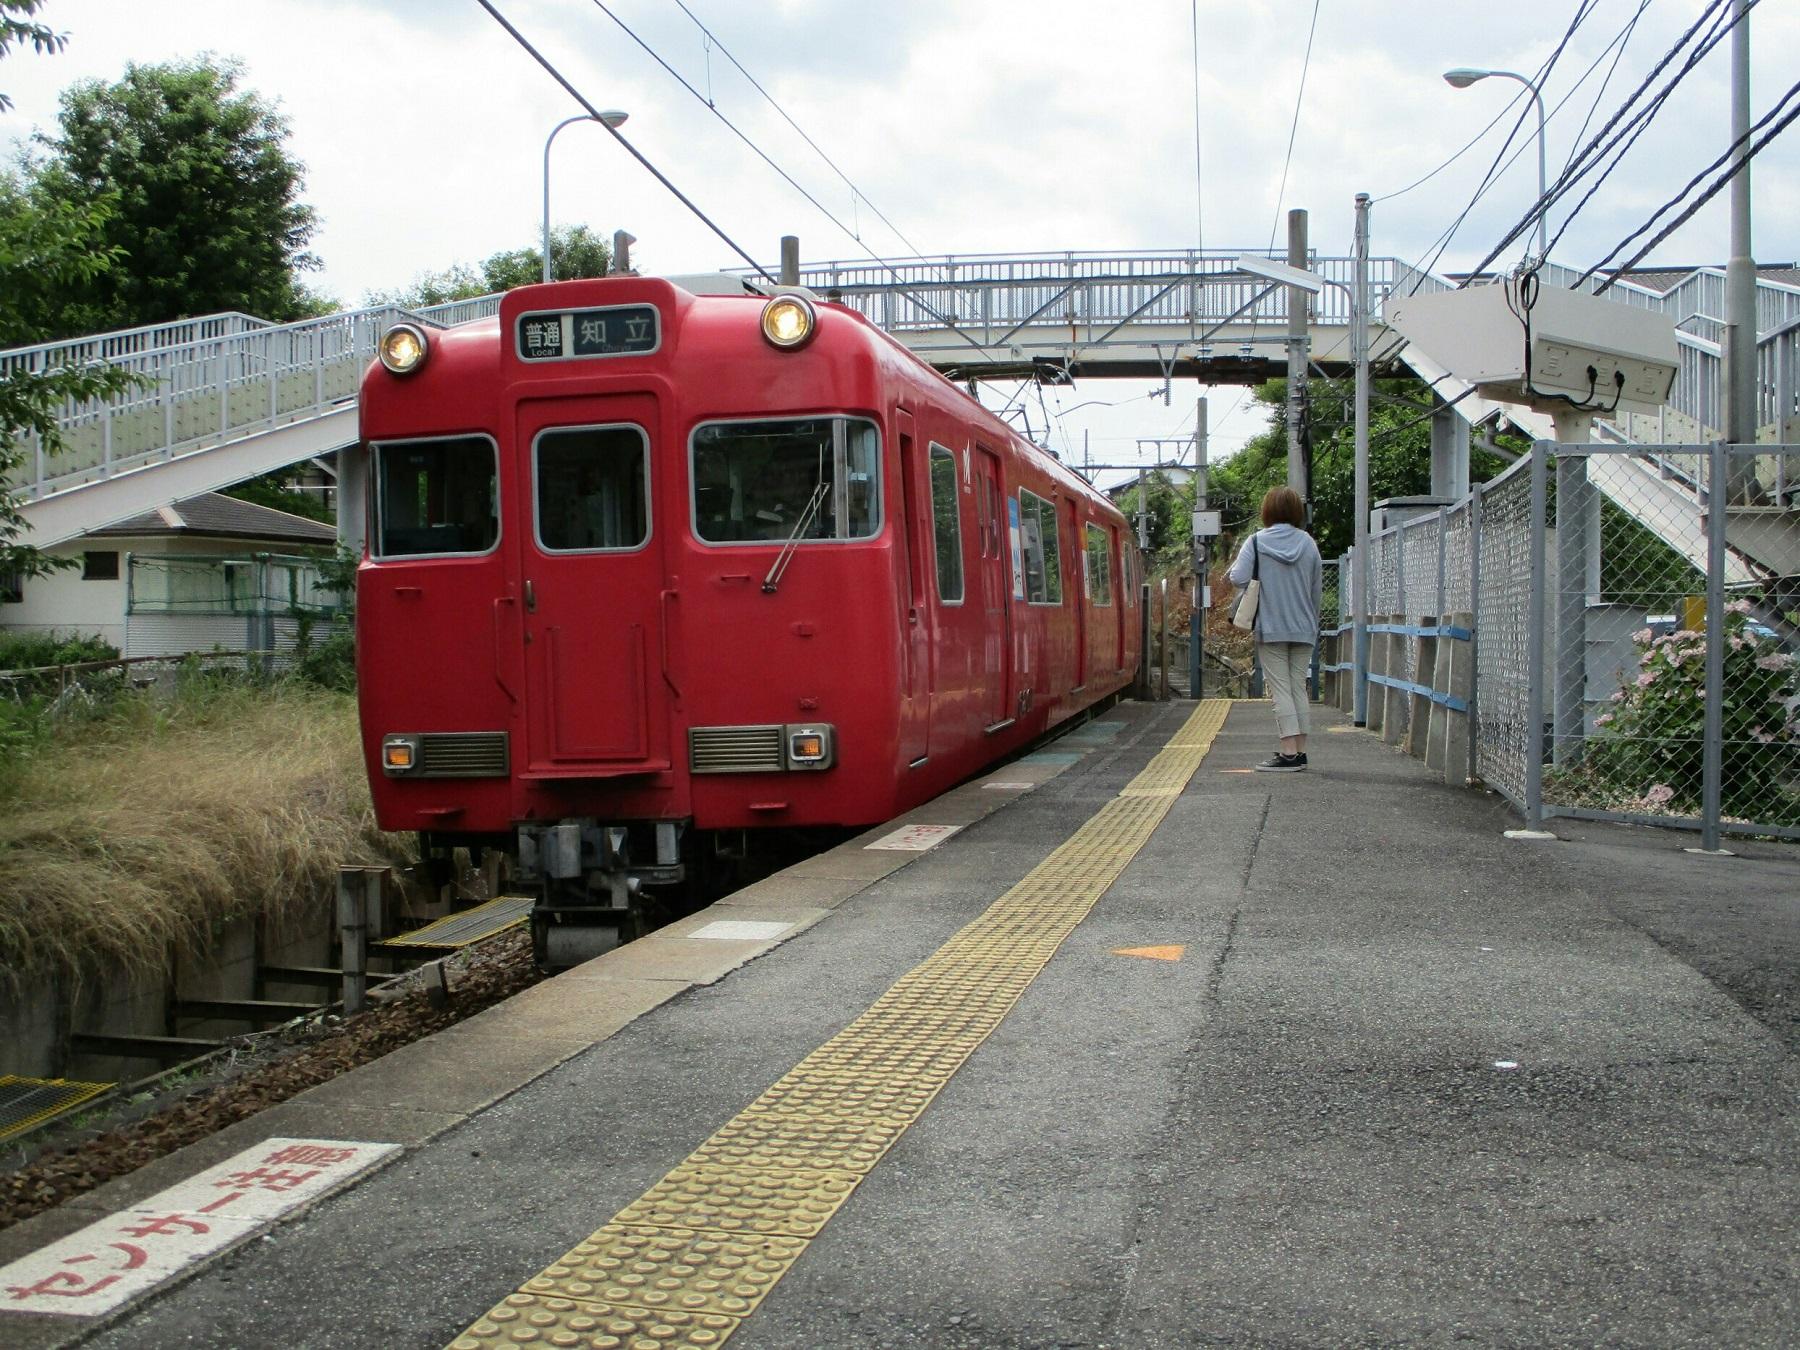 2018.6.14 豊田 (48) 平戸橋 - 知立いきふつう(まえ) 1800-1350